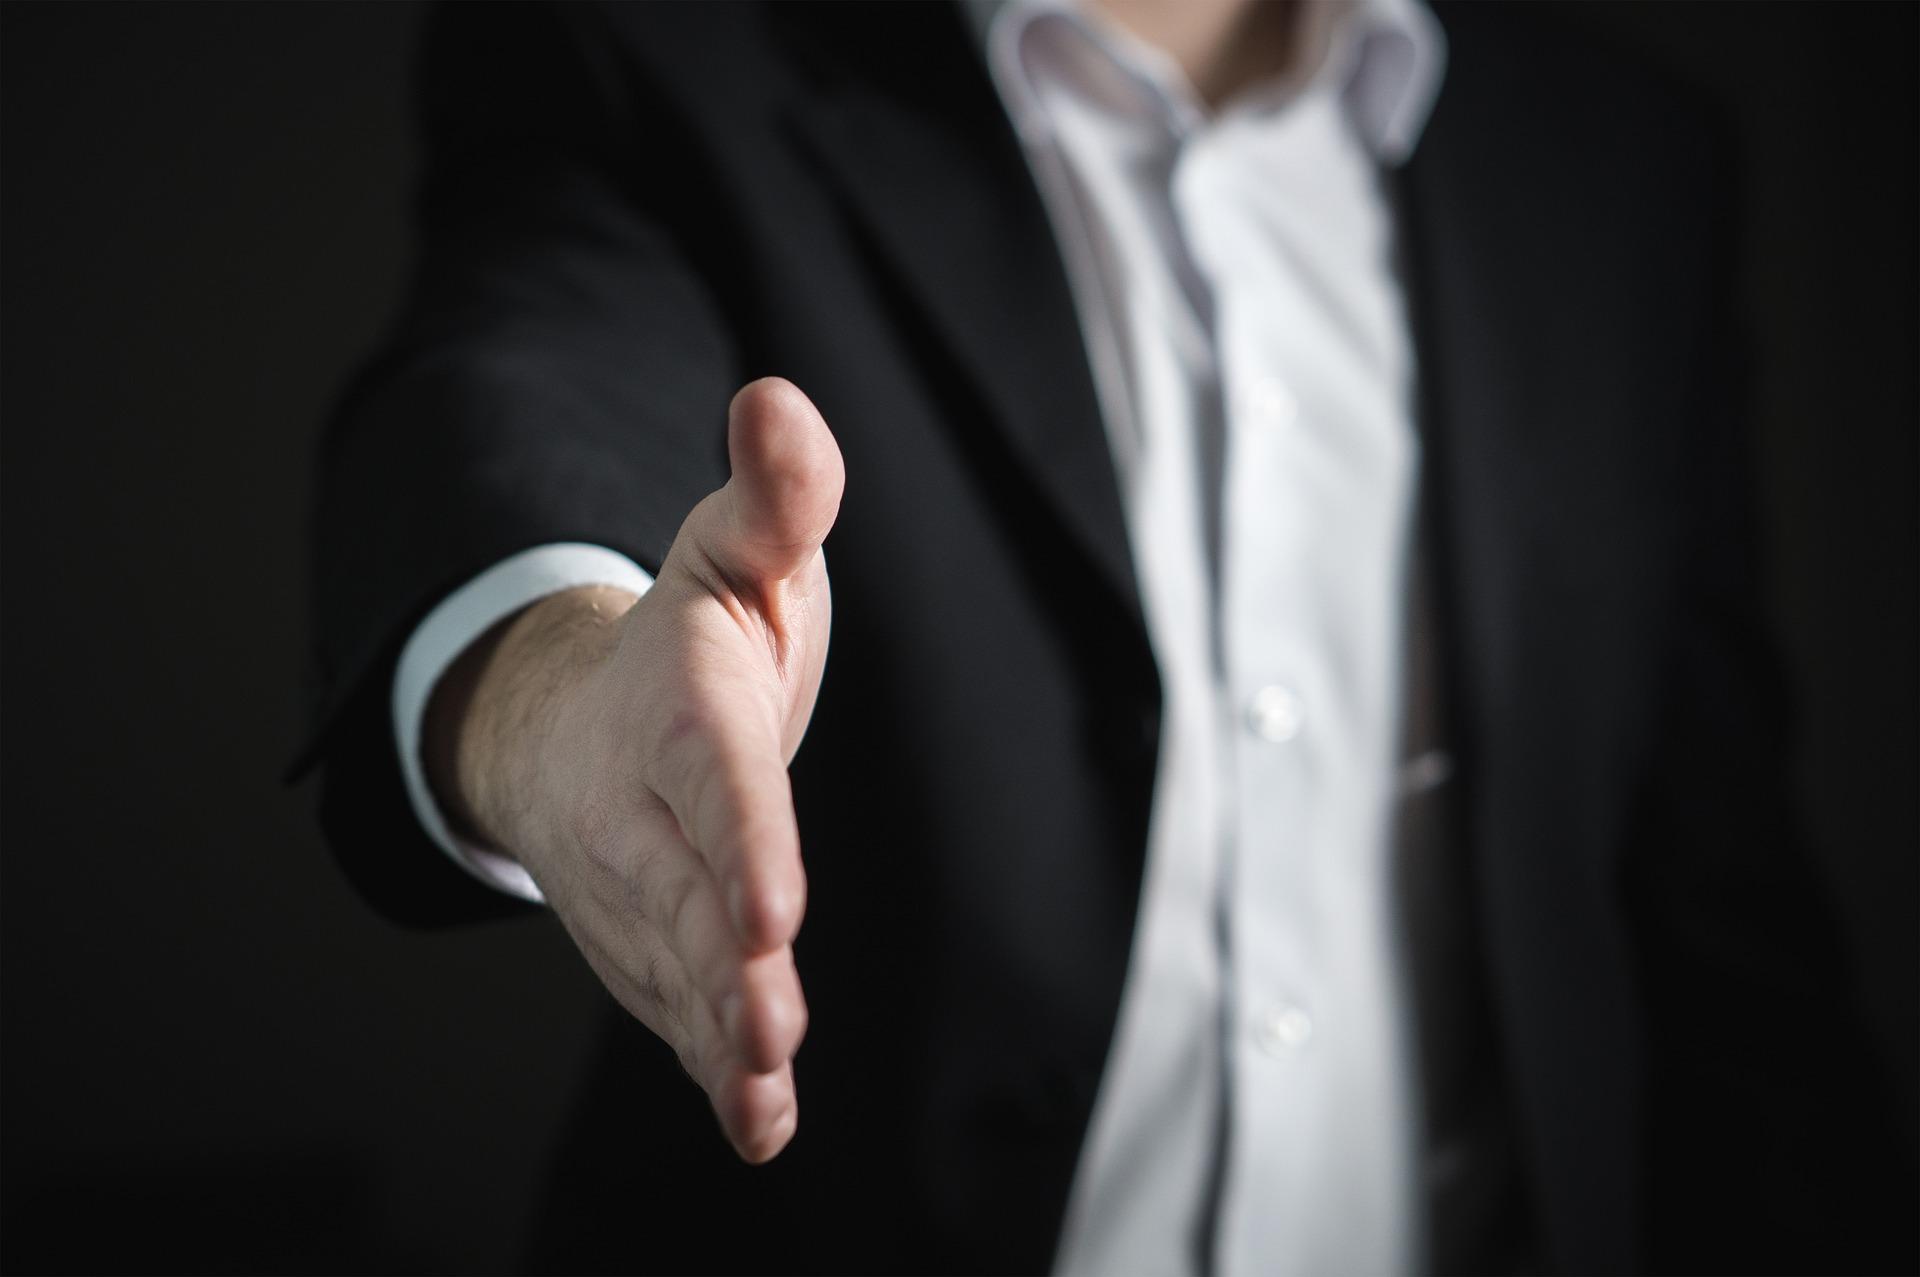 Apprentice 2017 handshake